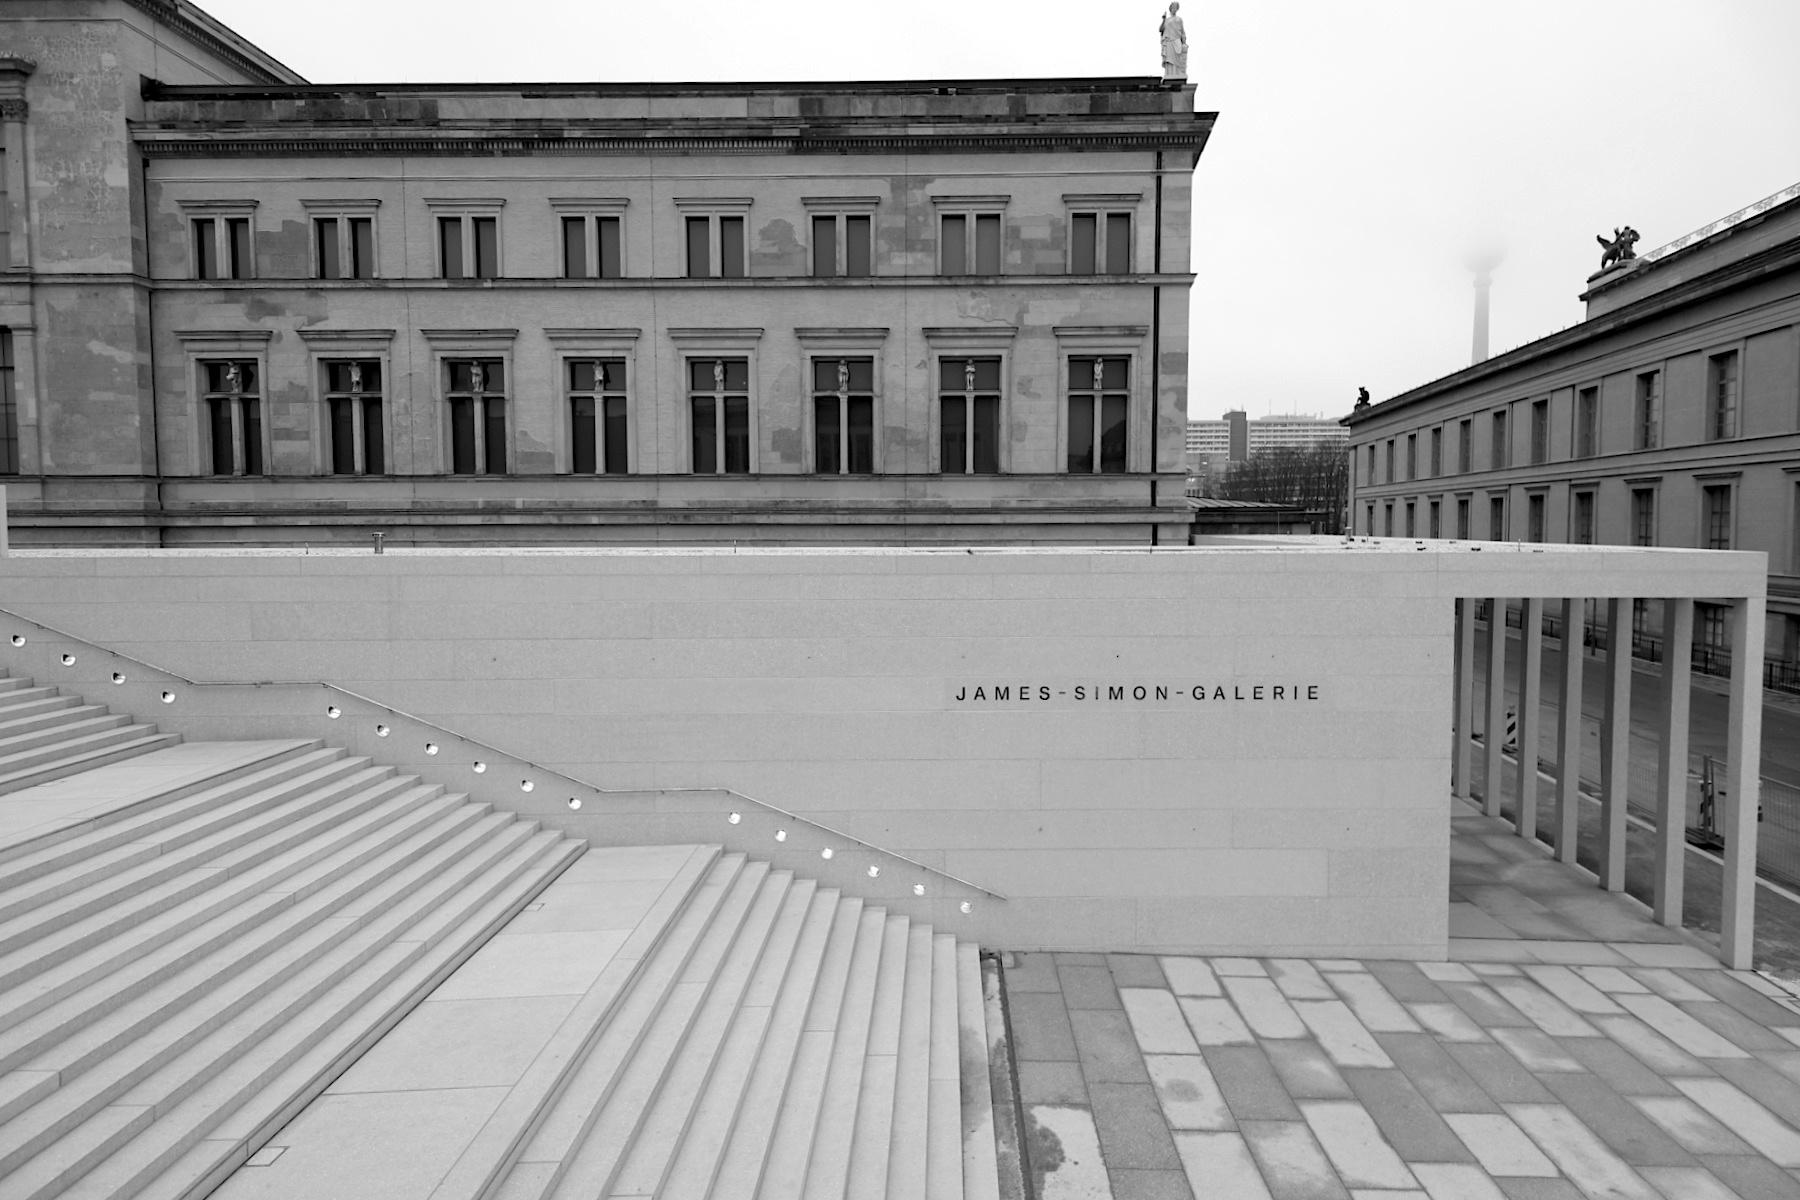 James-Simon-Galerie. Landschaftsarchitekten: Levin Monsigny Landschaftsarchitekten, Berlin. Bruttogrundfläche: rund 10.900 Quadratmeter, Nutzfläche: rund 4.600 Quadratmeter. Gesamtkosten: 134 Millionen Euro.